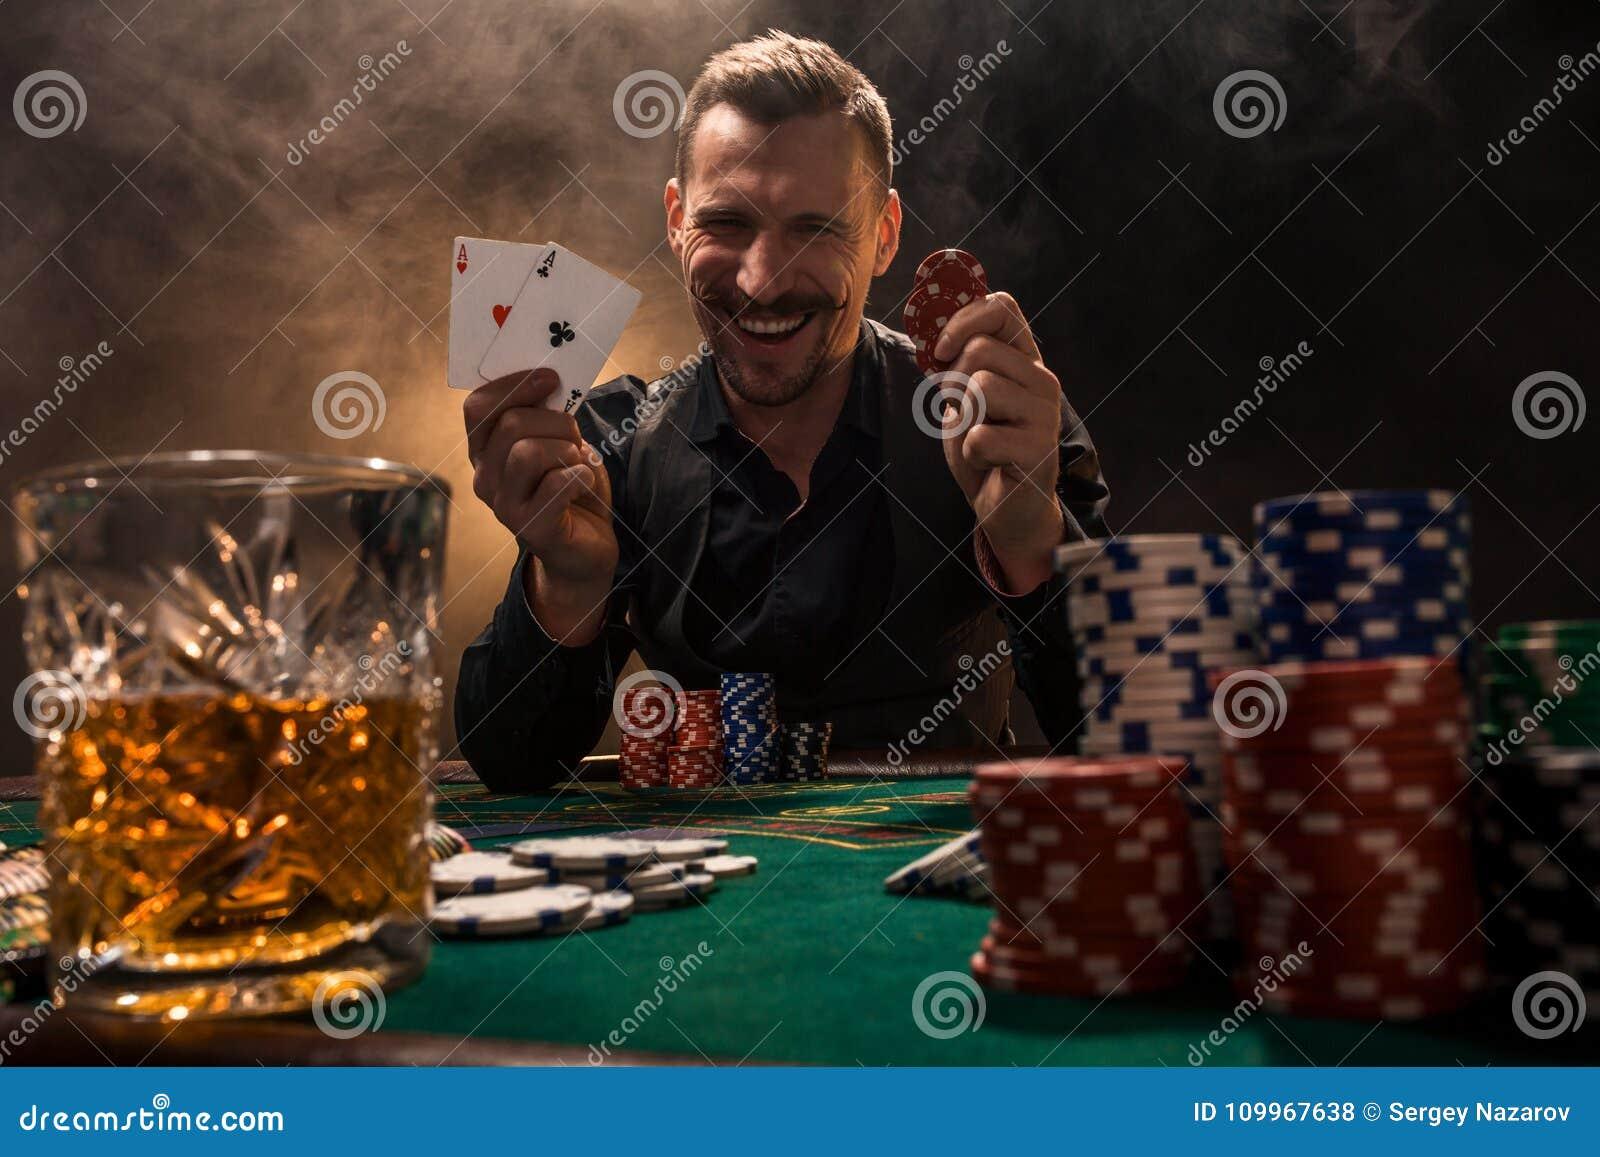 Joueur de poker beau avec deux as dans ses mains et puces se reposant à la table de tisonnier dans une chambre noire complètement